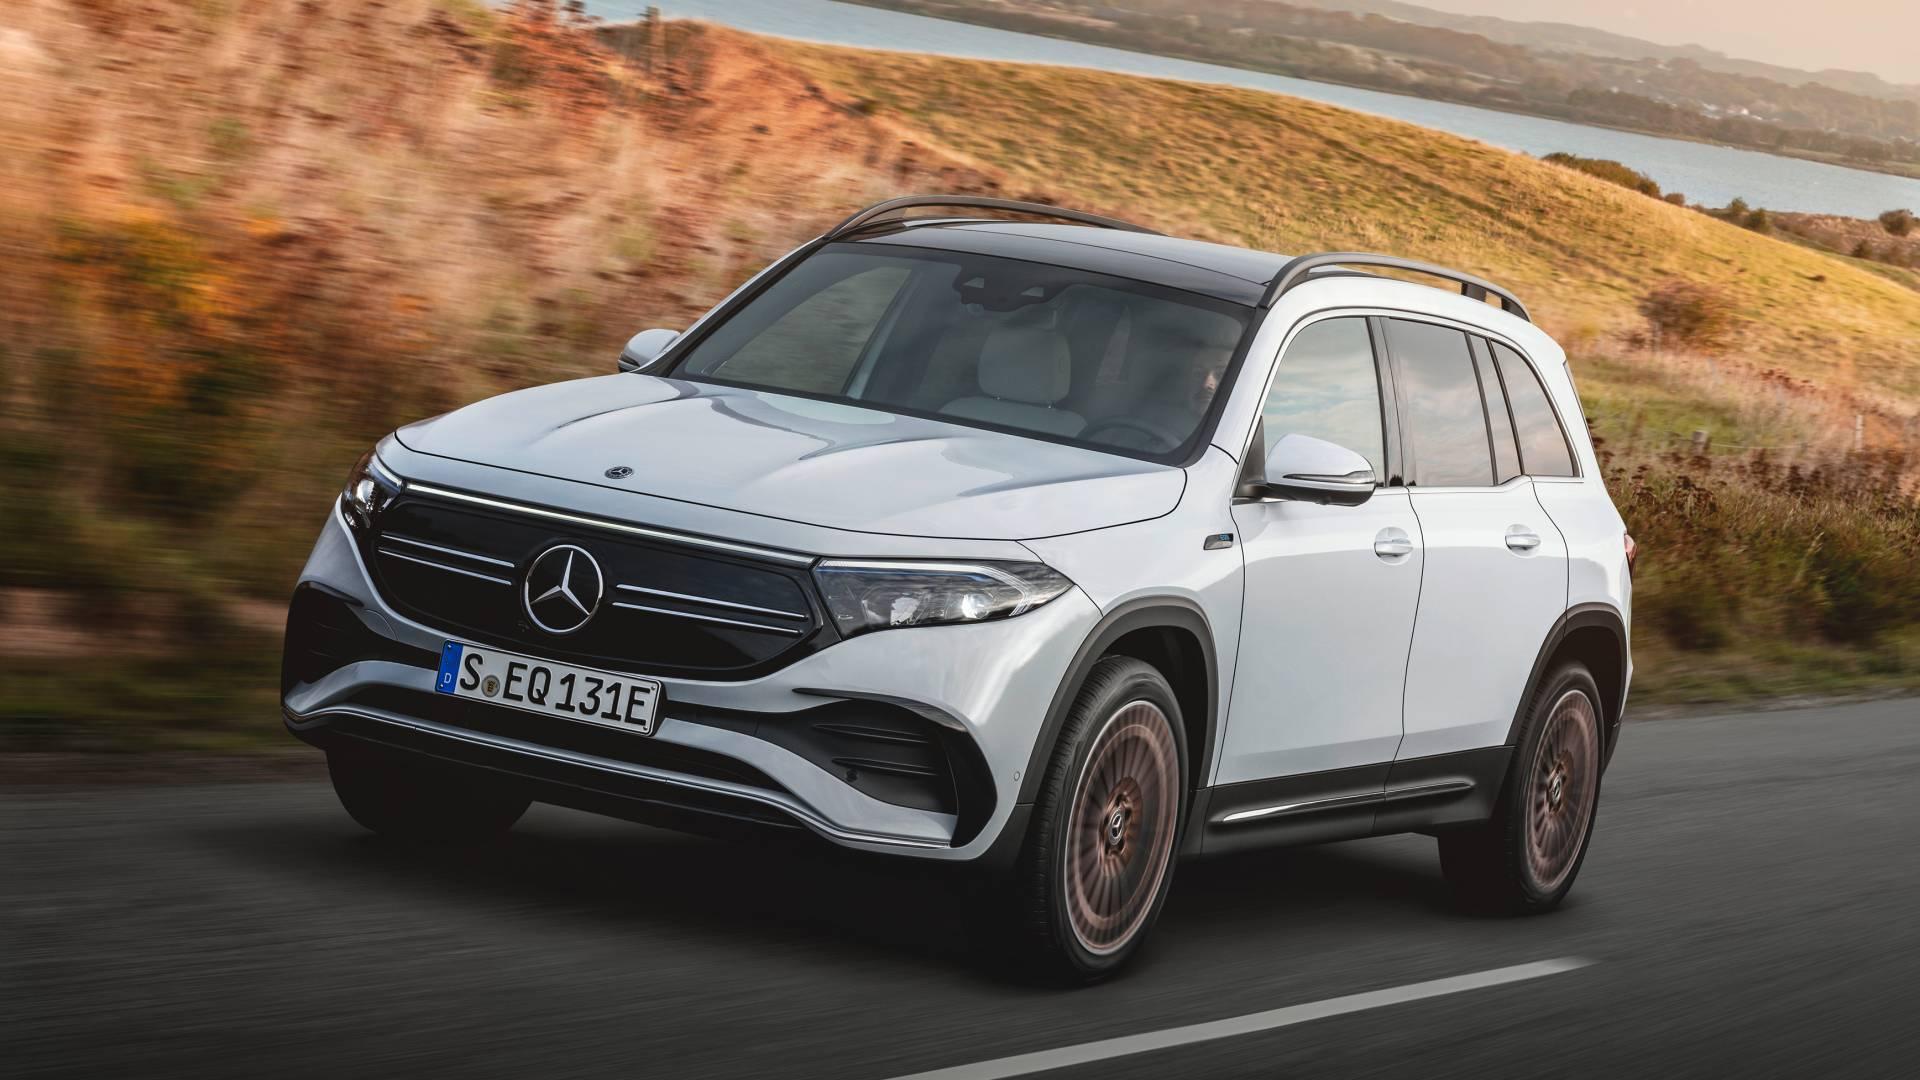 Автосалон вШанхае: новые электрические Audi, Mercedes-Benz и Volkswagen